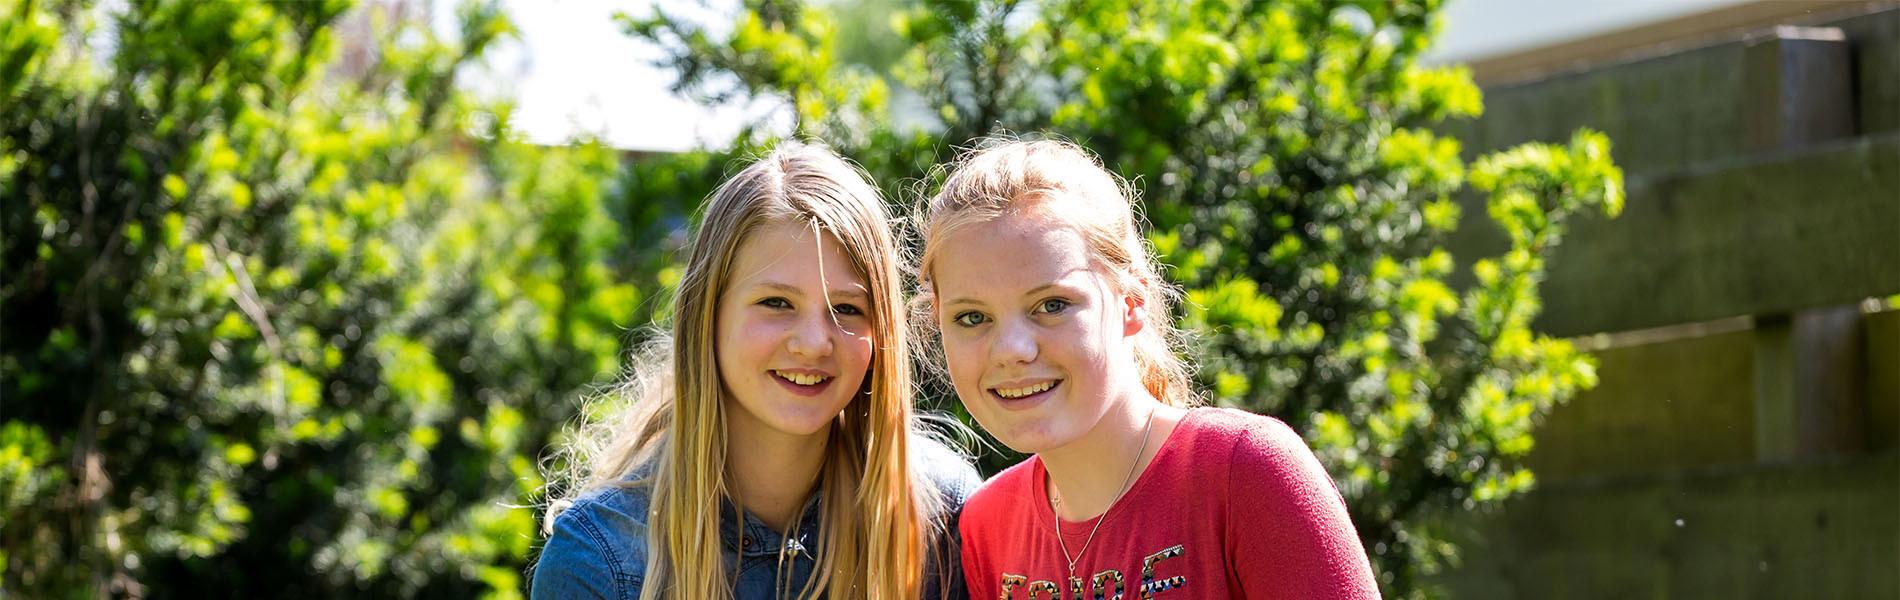 VMBO Nijkerk twee meisjes buiten